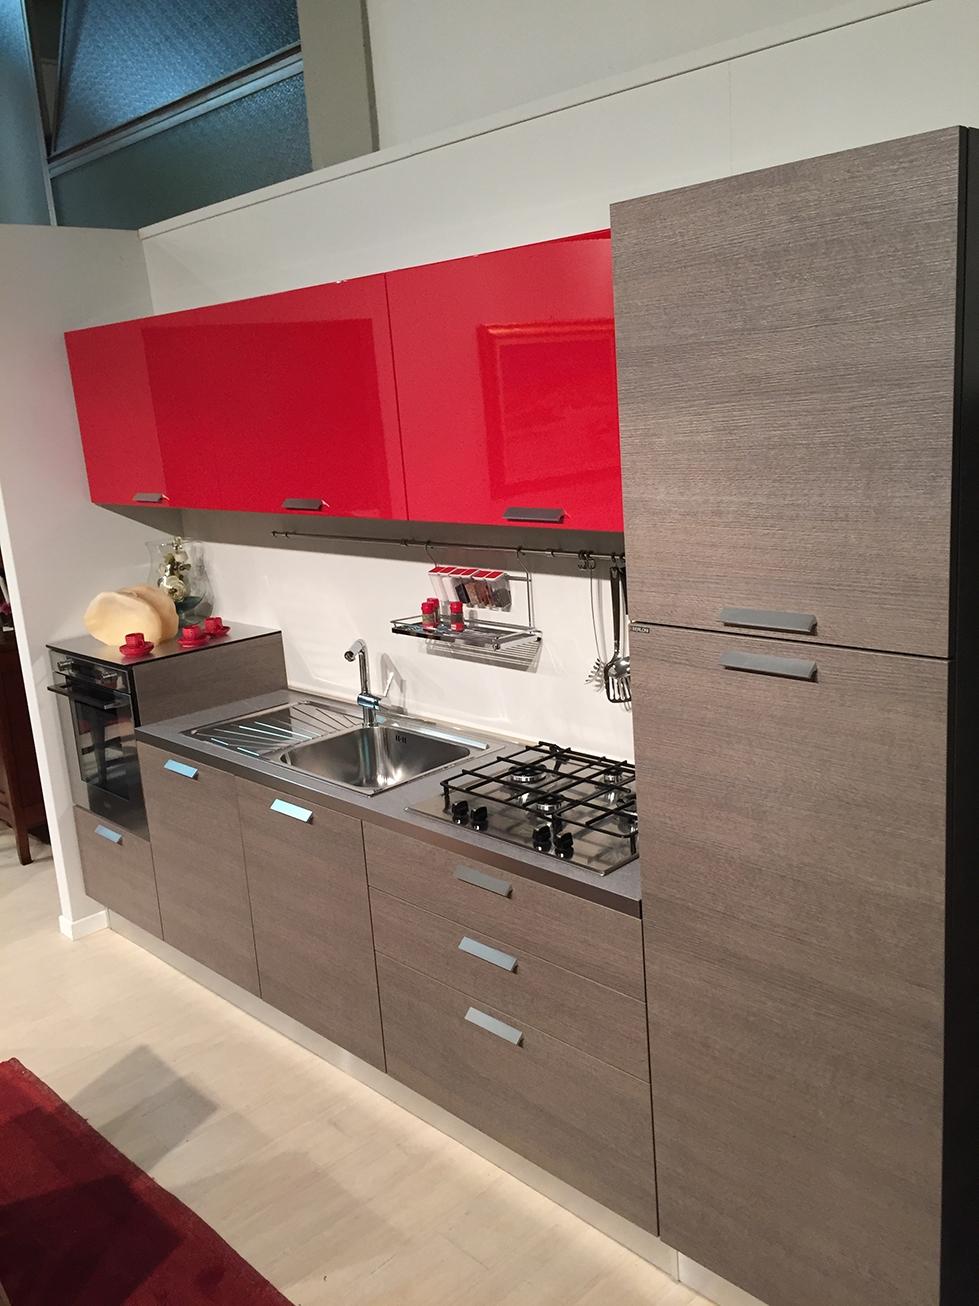 Stunning soggiorni berloni contemporary design trends - Cucine moderne berloni prezzi ...